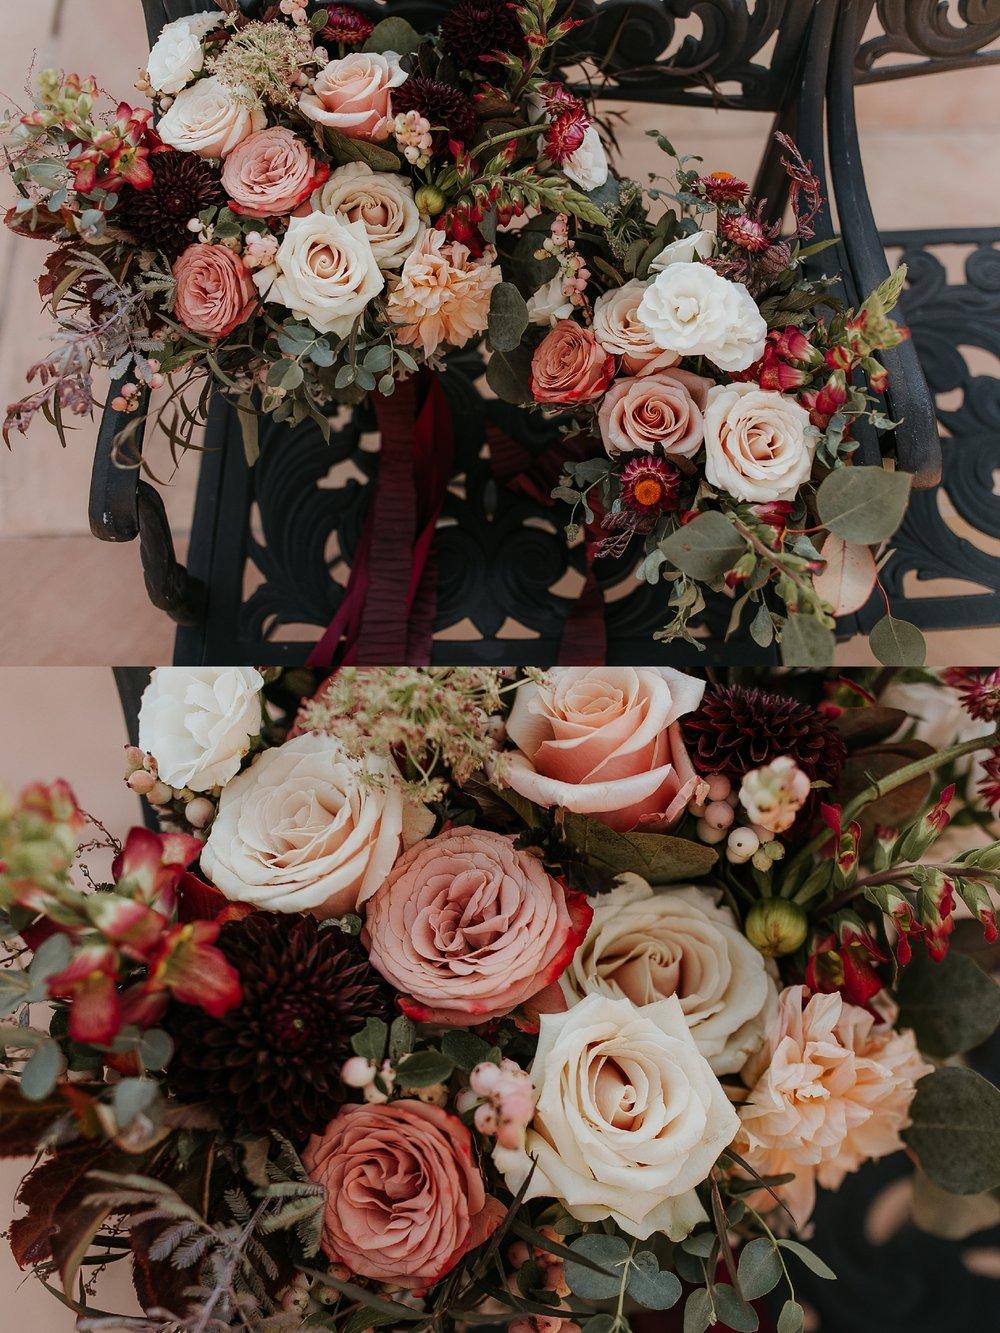 Alicia+lucia+photography+-+albuquerque+wedding+photographer+-+santa+fe+wedding+photography+-+new+mexico+wedding+photographer+-+new+mexico+wedding+-+santa+fe+wedding+-+albuquerque+wedding+-+wedding+florist+-+new+mexico+wedding+florist_0046.jpg